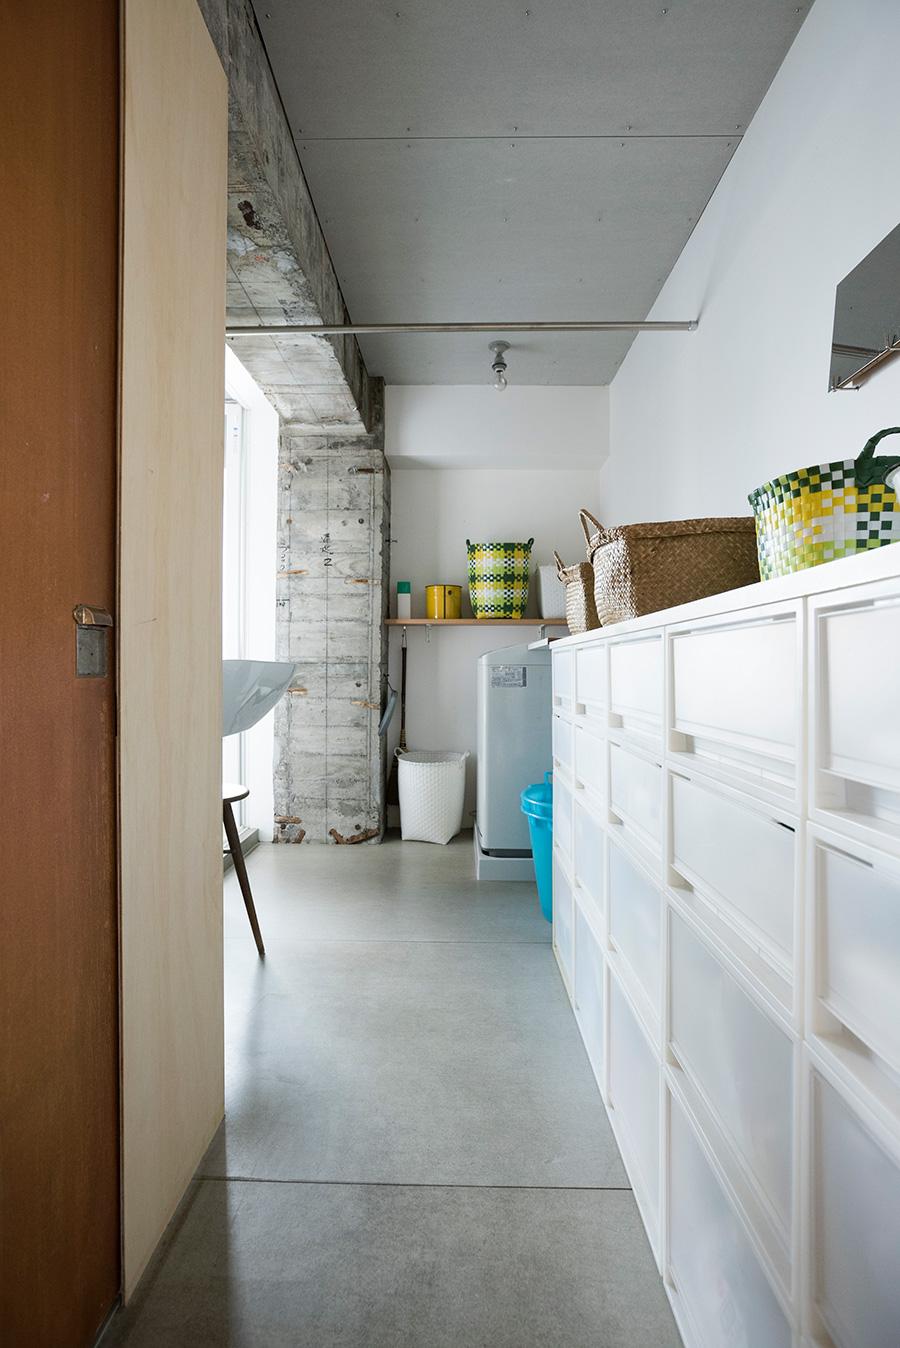 無印良品の収納ケースを使った洗面。トイレは当初からついていたドアを活用し、真鍮の取っ手に付け替えた。